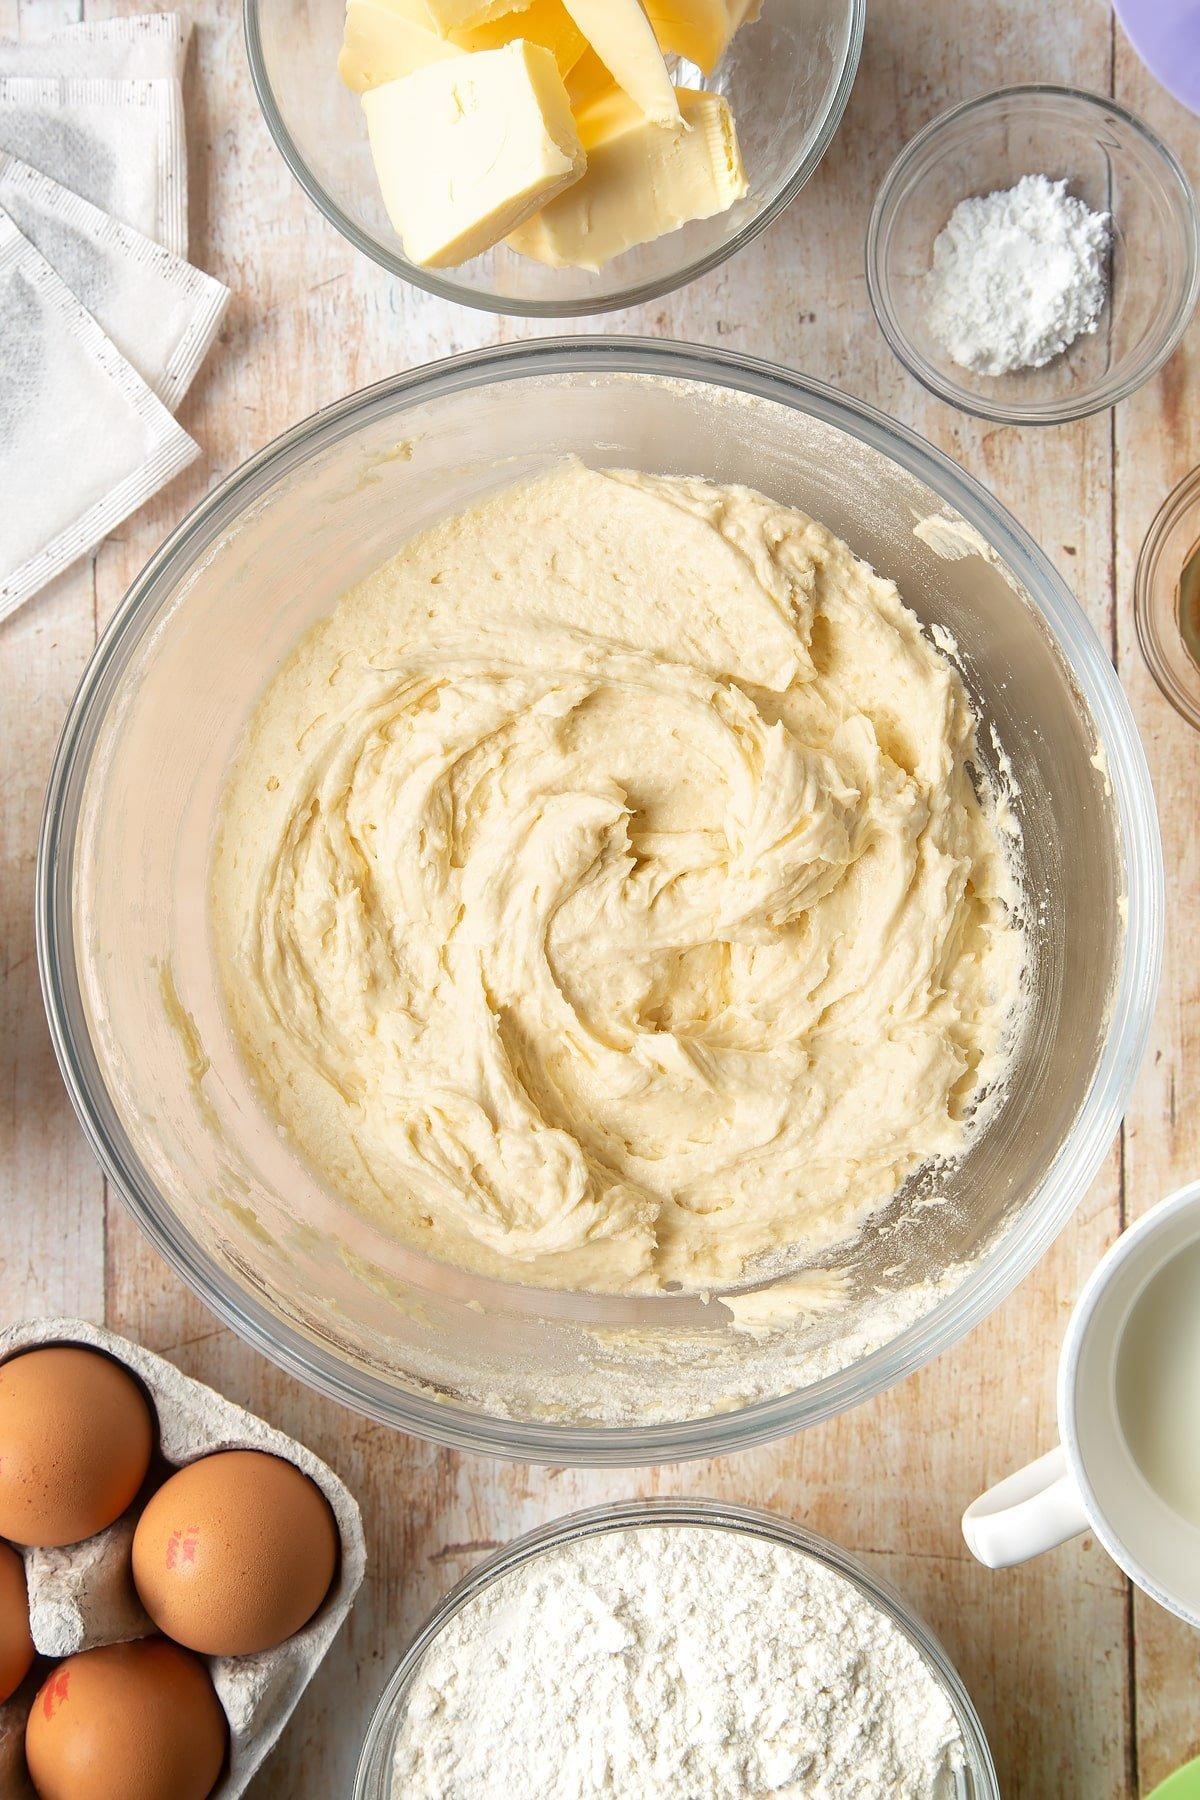 Folding through the cupcake mixture